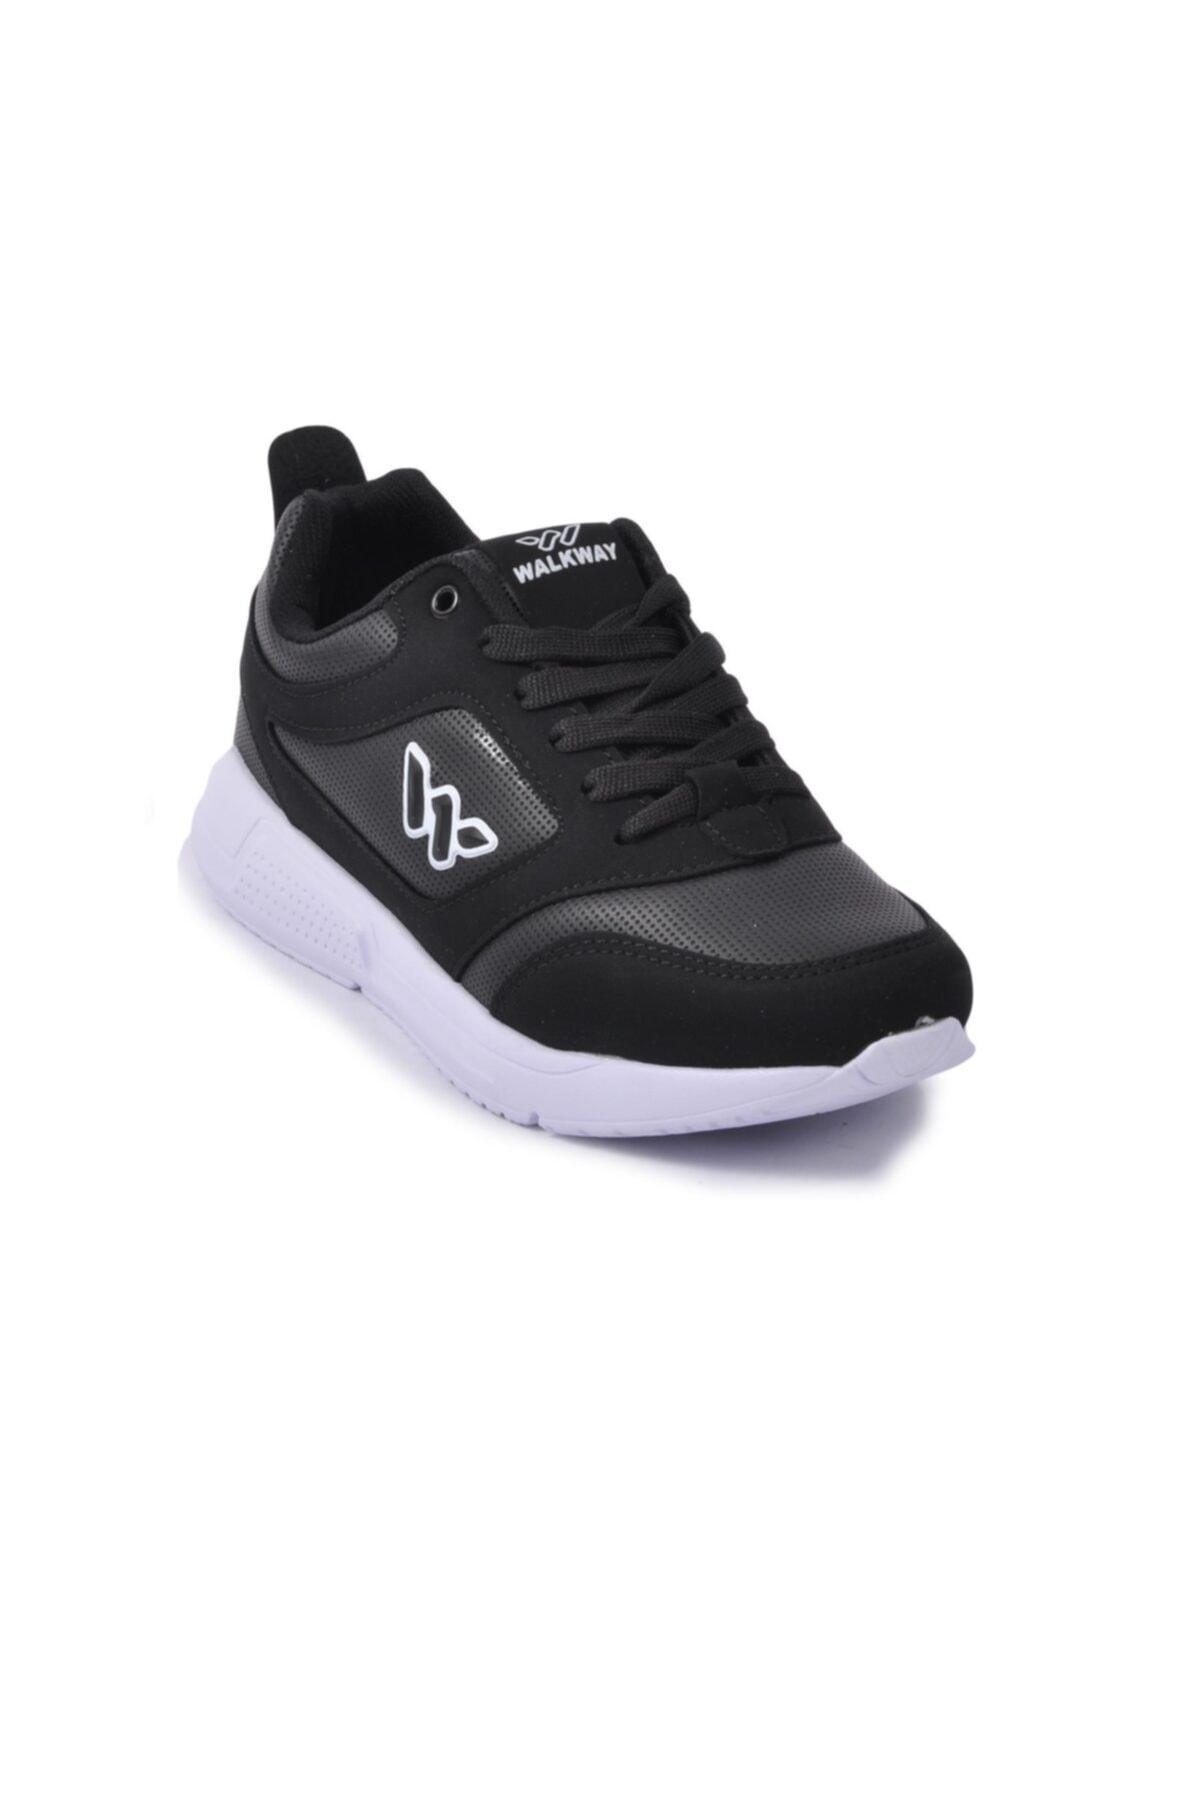 WALKWAY Kadın Siyah Beyaz Ayakkabı Prt-021